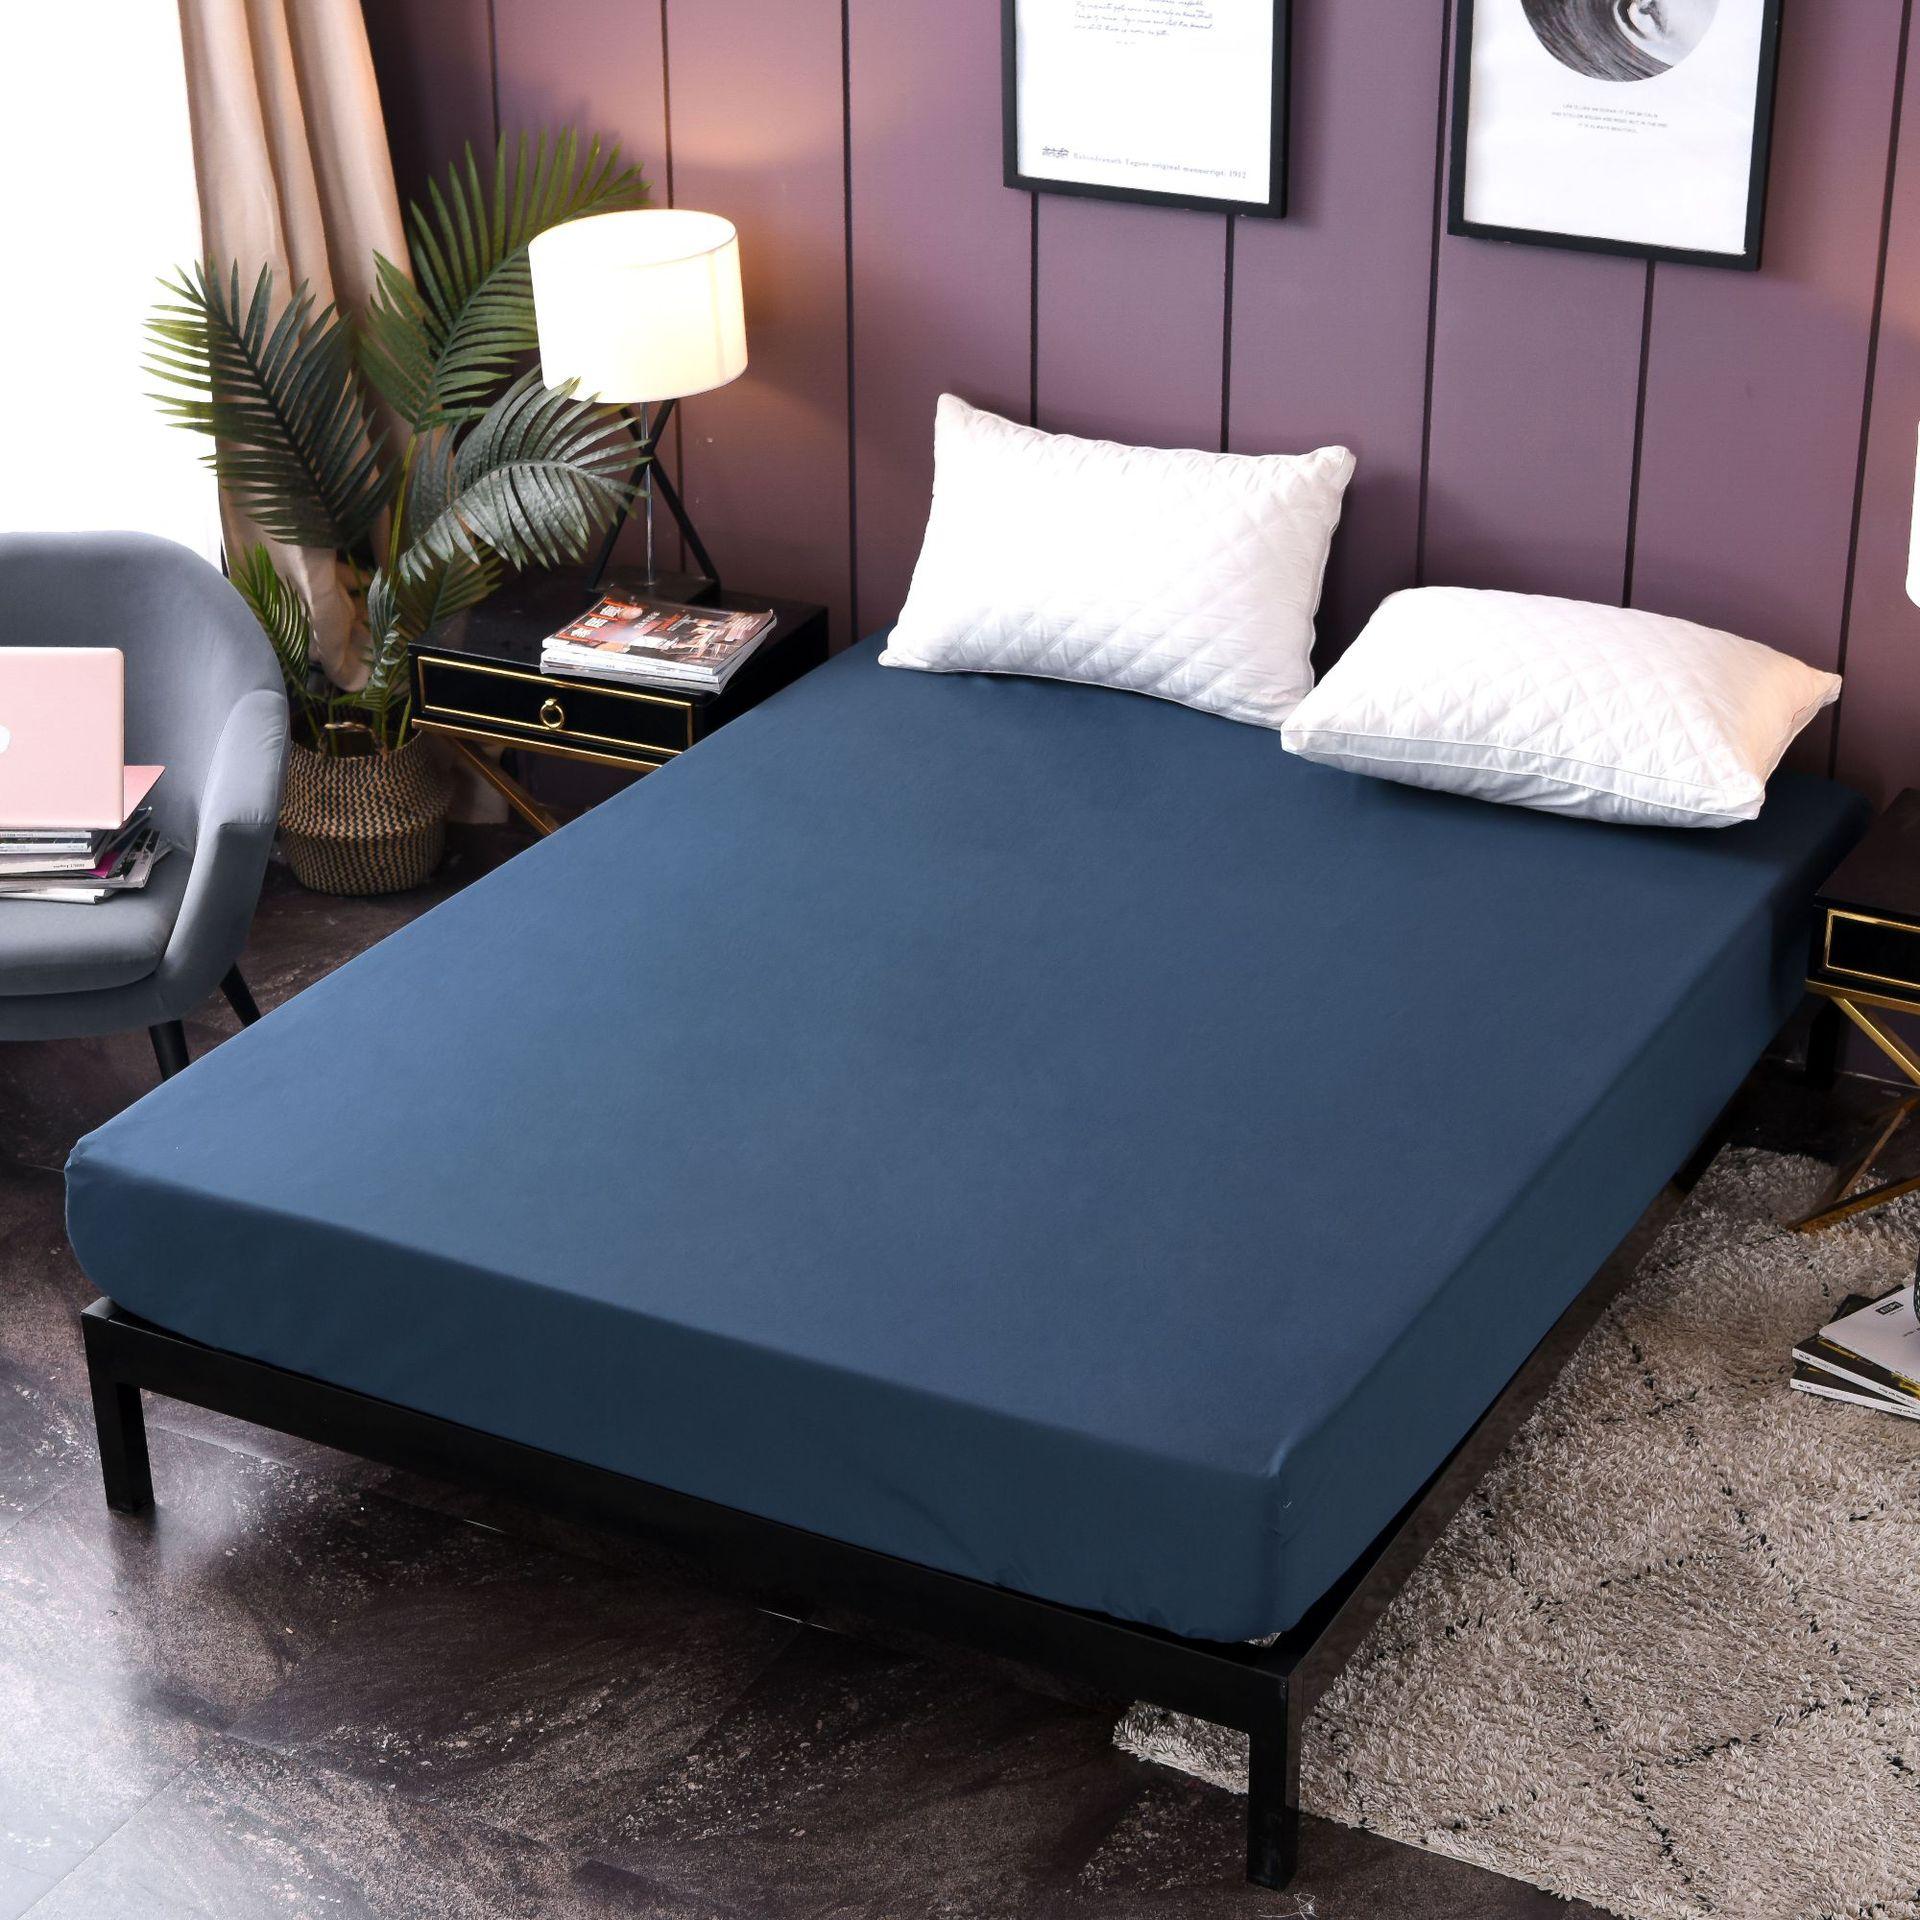 السرير غطاء فراش (مرتبة) السرير يغطي حامي للماء عدم الانزلاق فراش توبر ل سرير بيدكوفير بطانية سرير